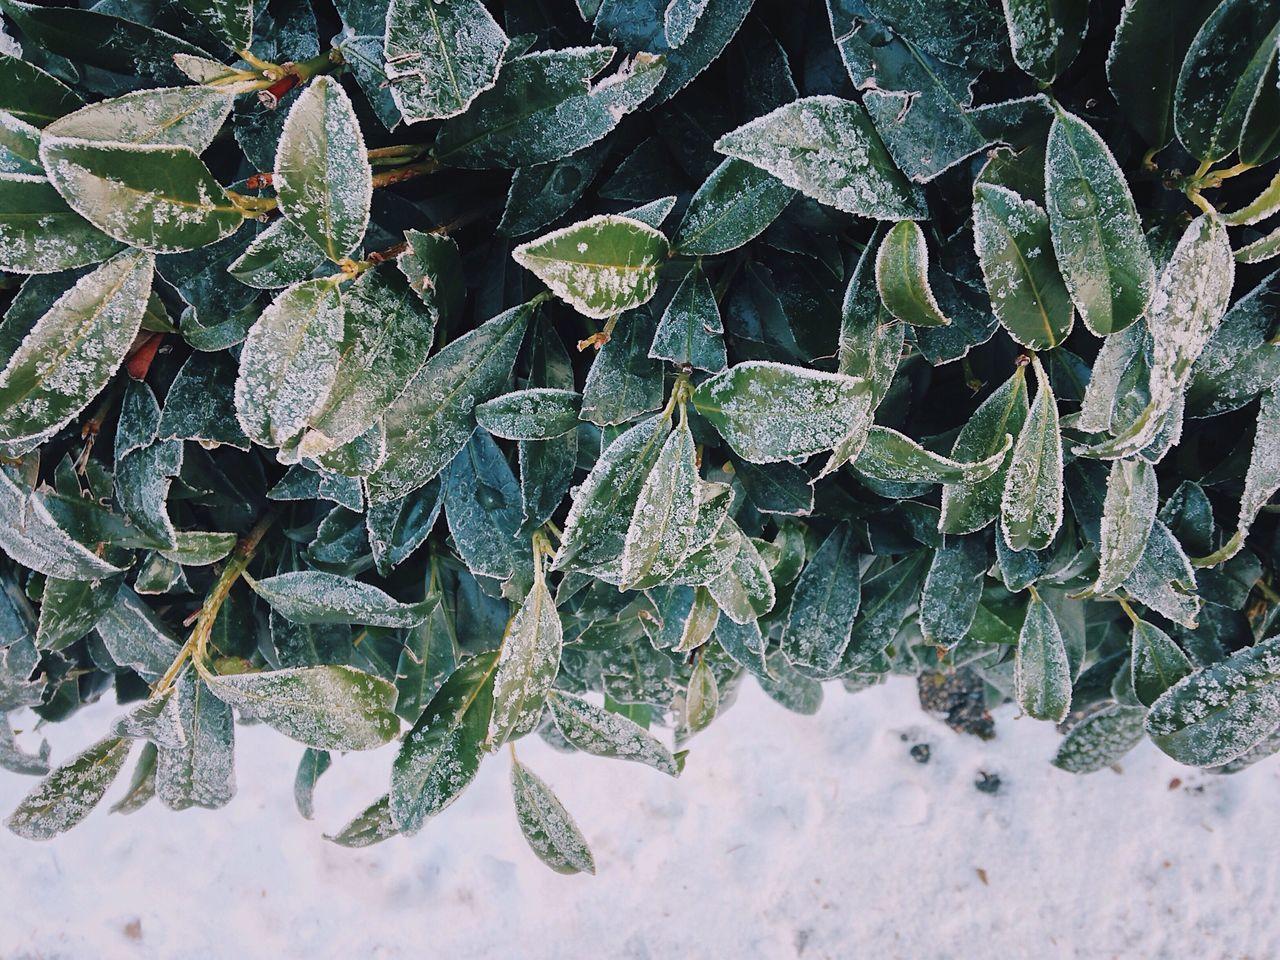 粉糖🌨//。 Leaf Green Color Growth Nature Plant High Angle View Outdoors Freshness Close-up Beauty In Nature Snow Winter White Sugar Nature Pattern Leaves Tree City Life Minimalism Horizontal Focus On Foreground Minimalist Backgrounds